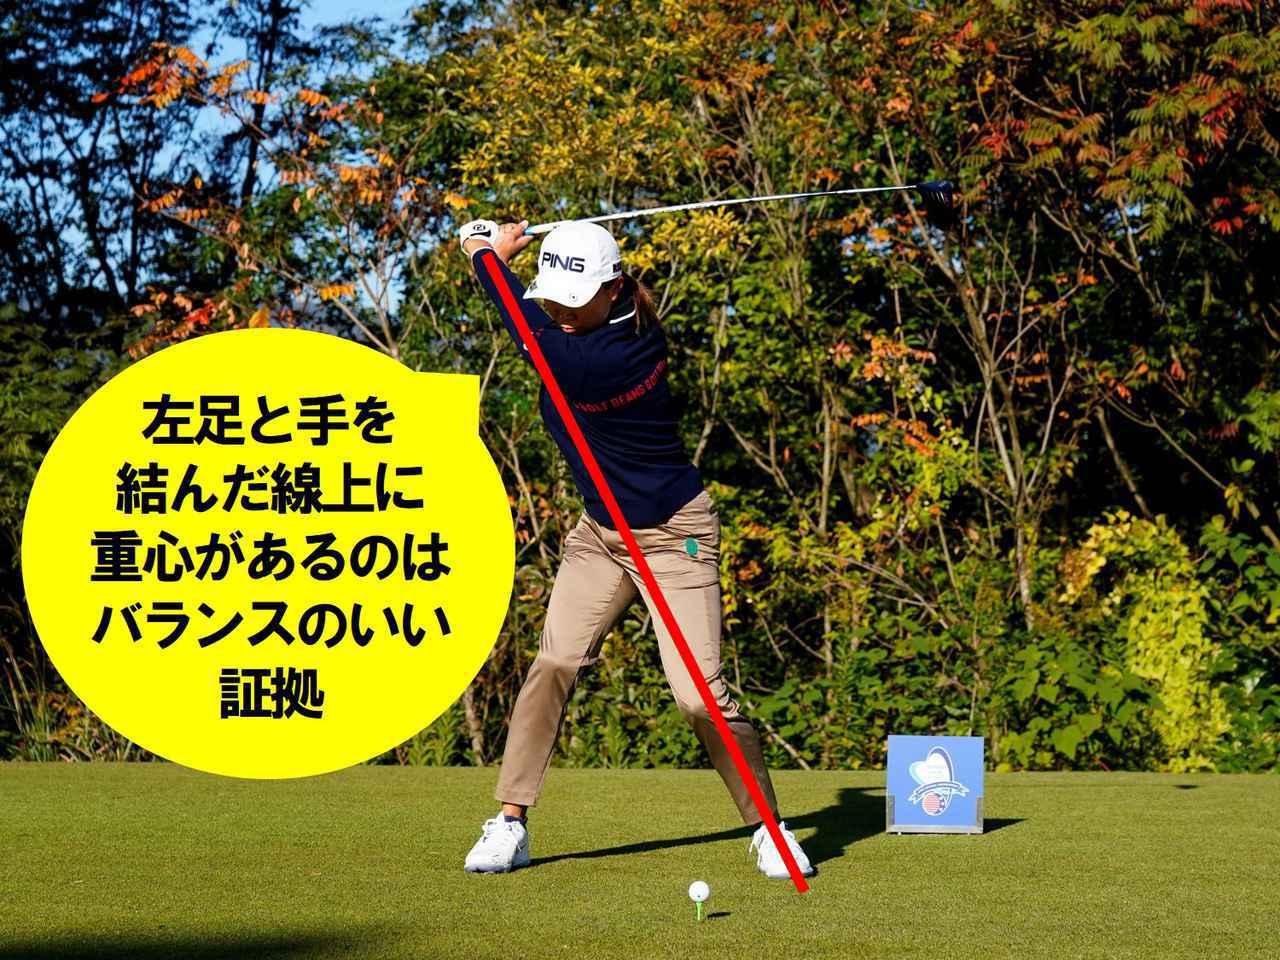 画像2: 【渋野日向子】小さな動きで最大パワーと最速スピード。これぞ令和のアスレチックスウィング!